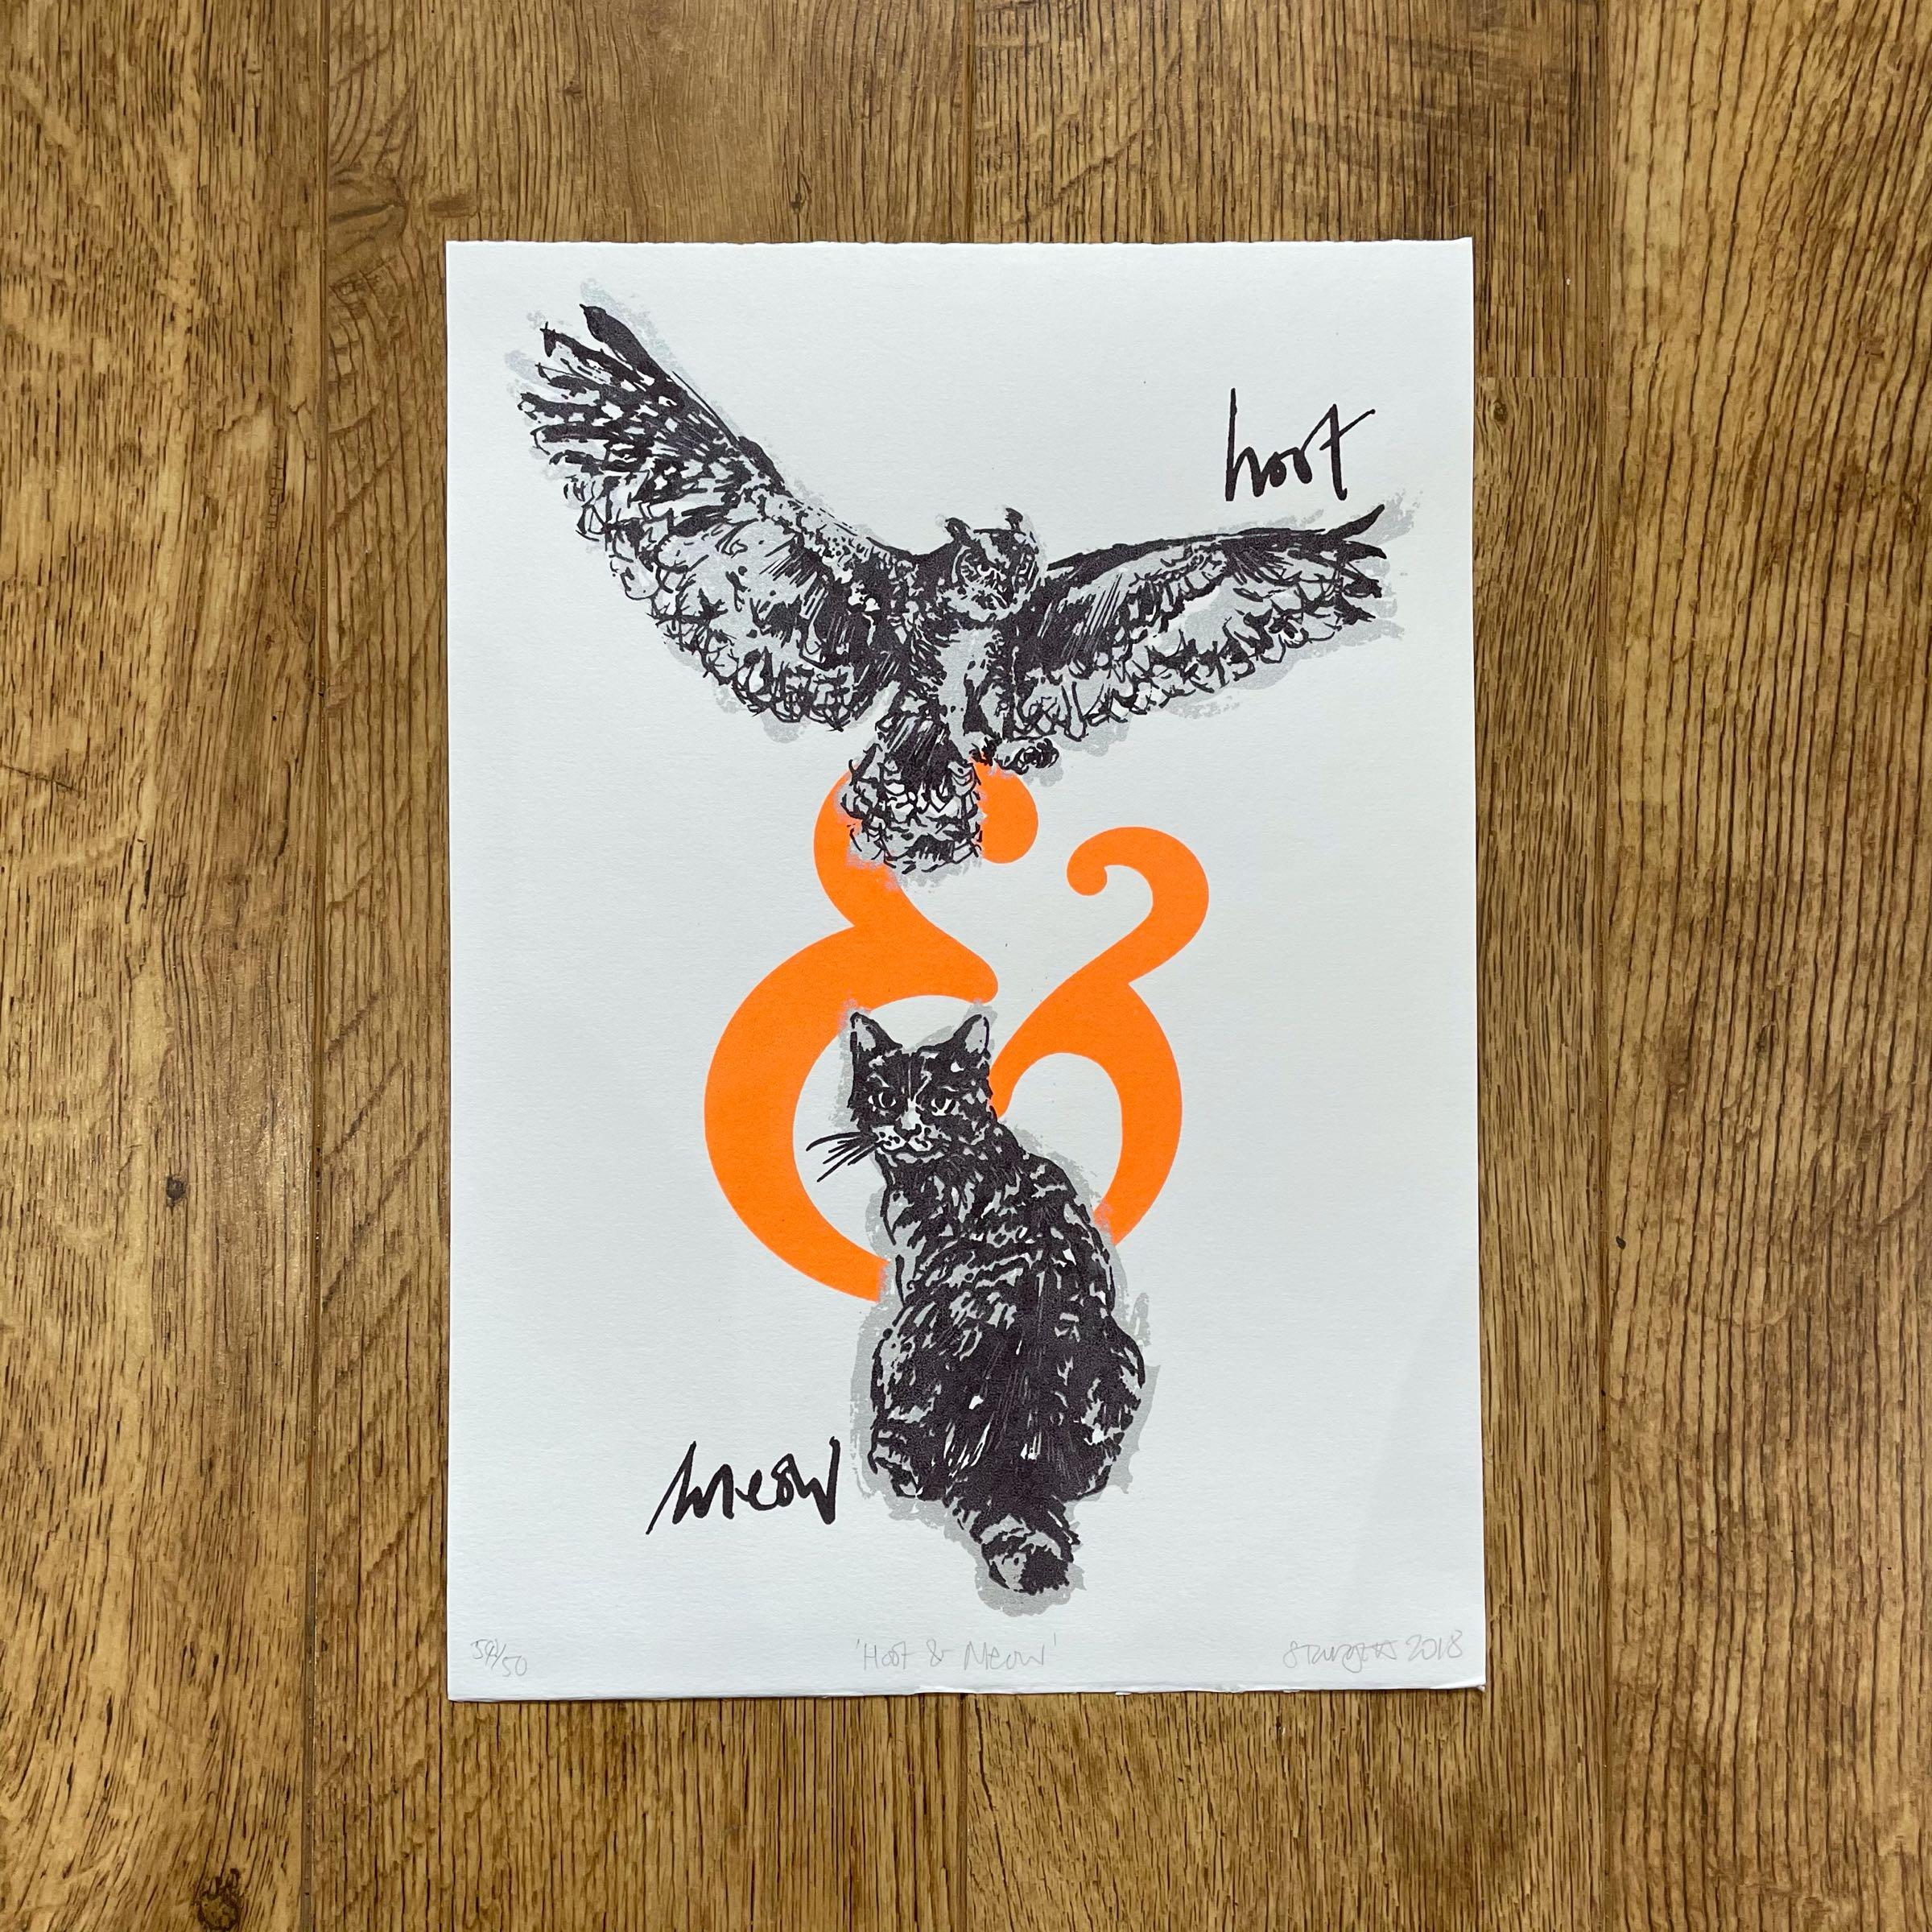 'Hoot & Meow' Silkscreen print by Sarah Targett